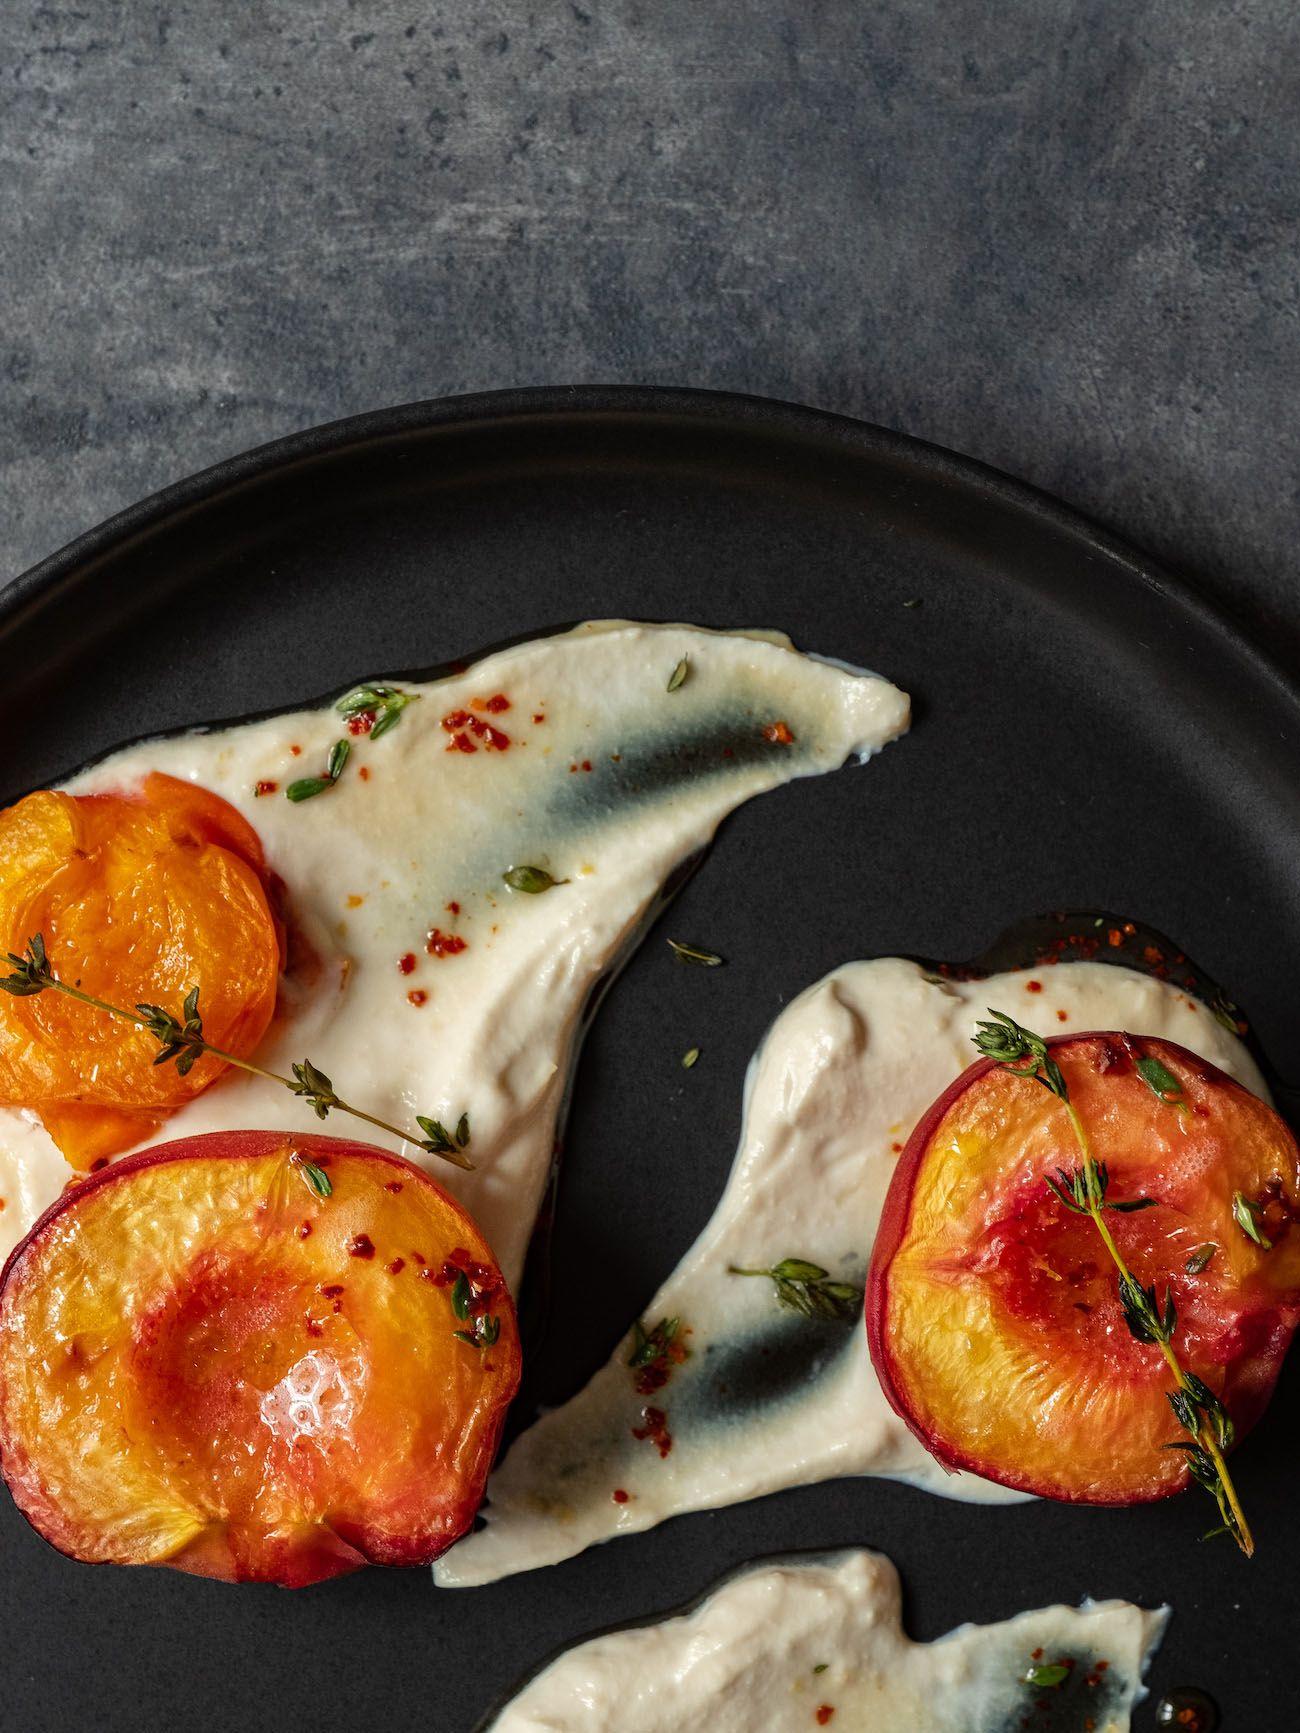 About Fuel, Foodblog, Rezept, Gebackene Pfirsiche und Aprikosen, Chili, Ahornsirup, Ricotta